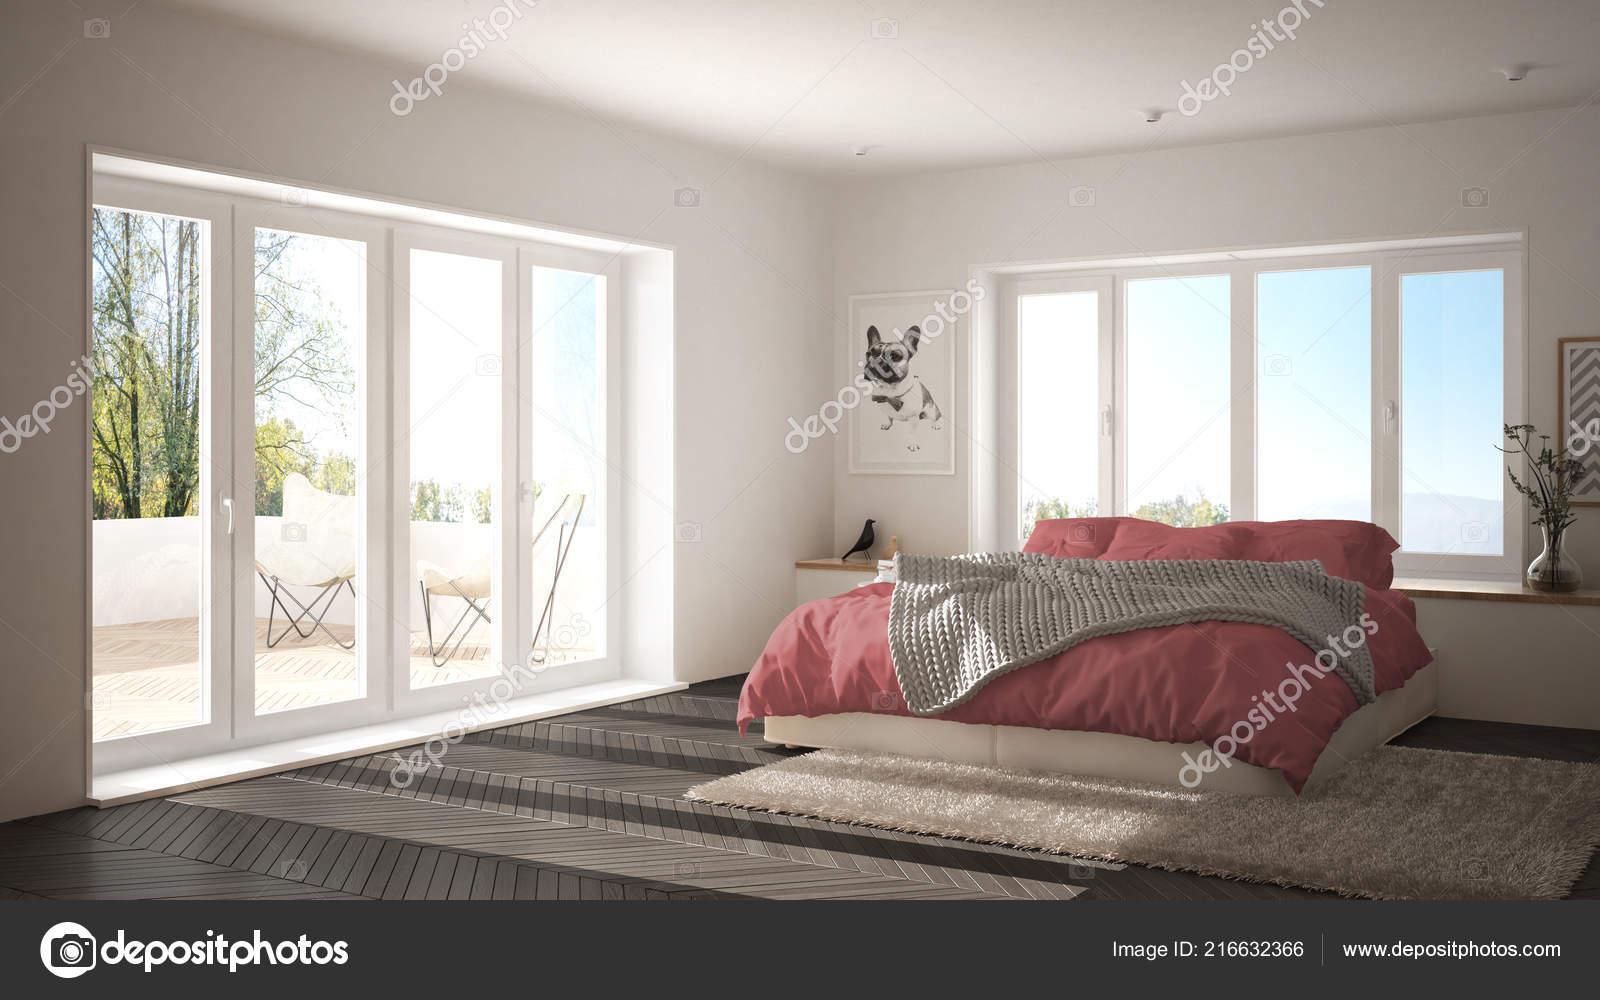 Scandinave Chambre Minimaliste Blanche Rose Avec Fenêtre ...